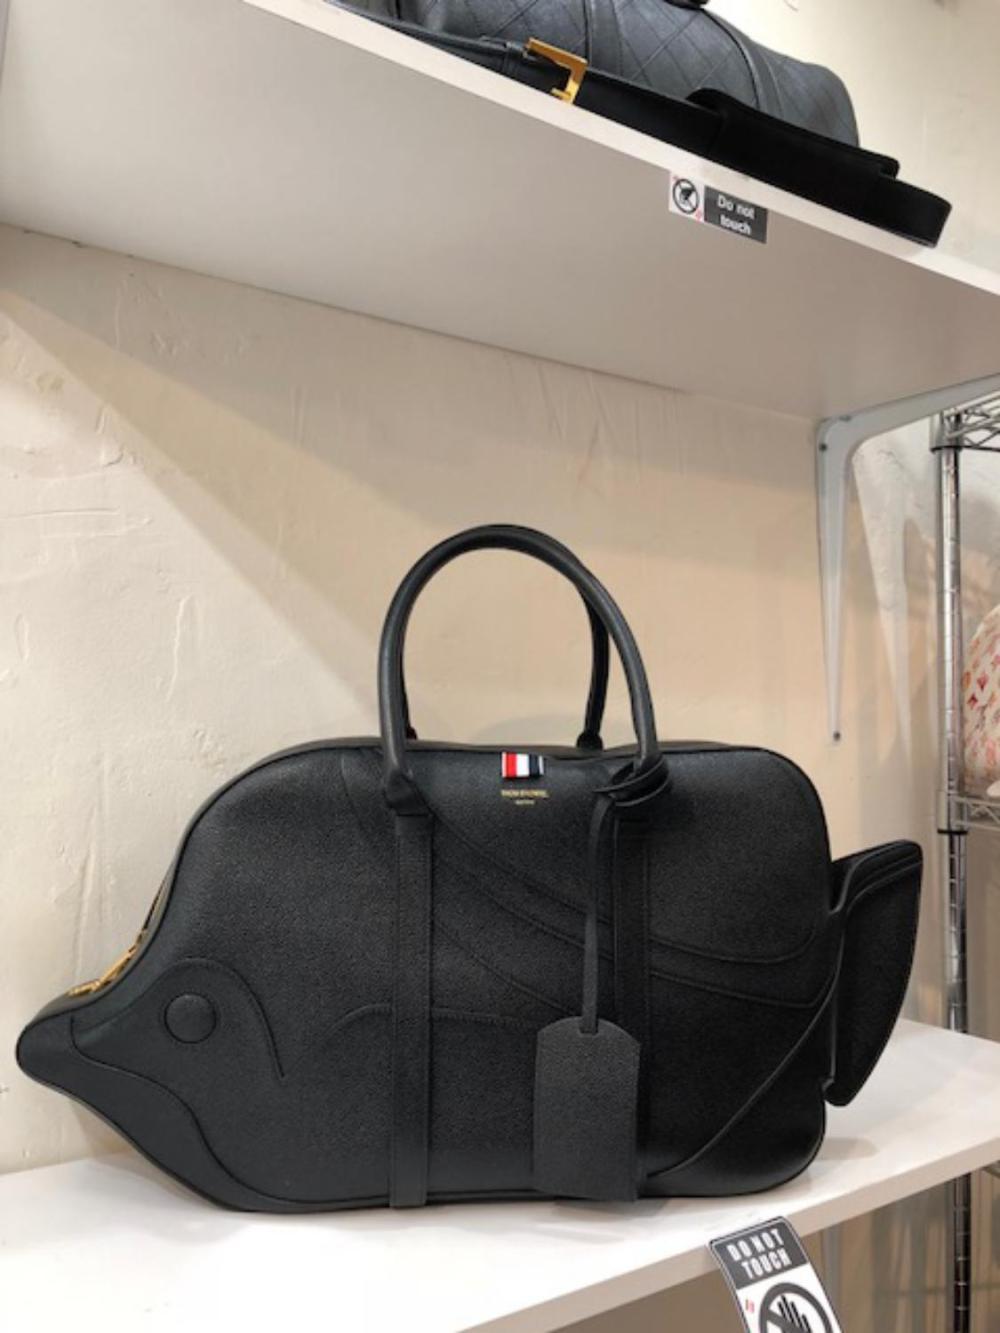 1c983c210 Fish Bag Thom Browne Handbag